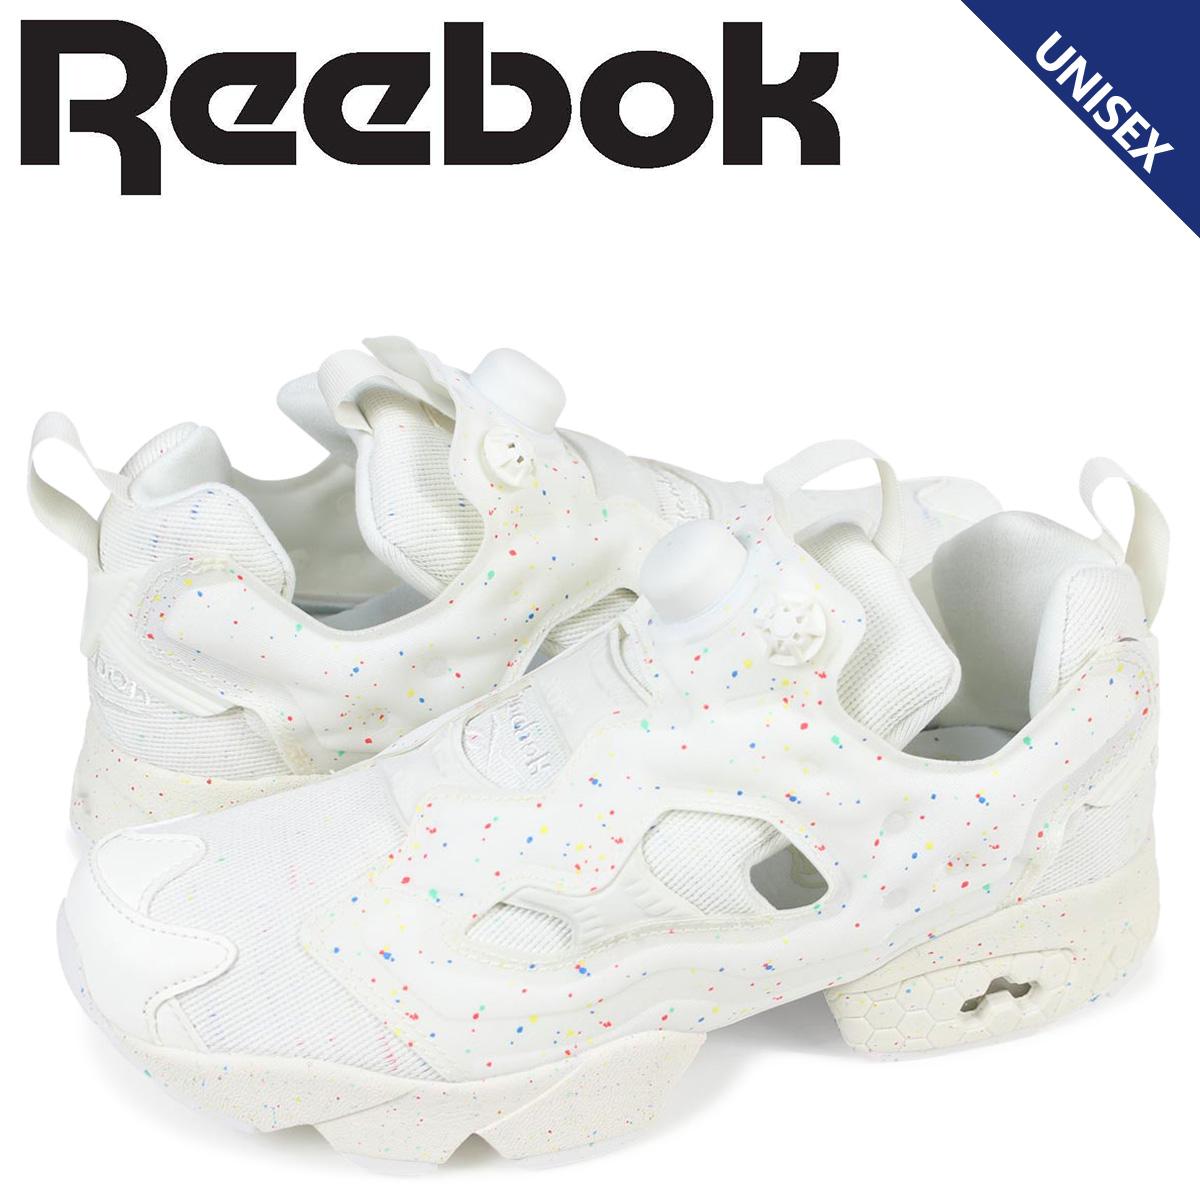 【最大2000円OFFクーポン】 リーボック Reebok ポンプフューリー メンズ レディース スニーカー INSTAPUMP FURY OG CS CM9389 ホワイト